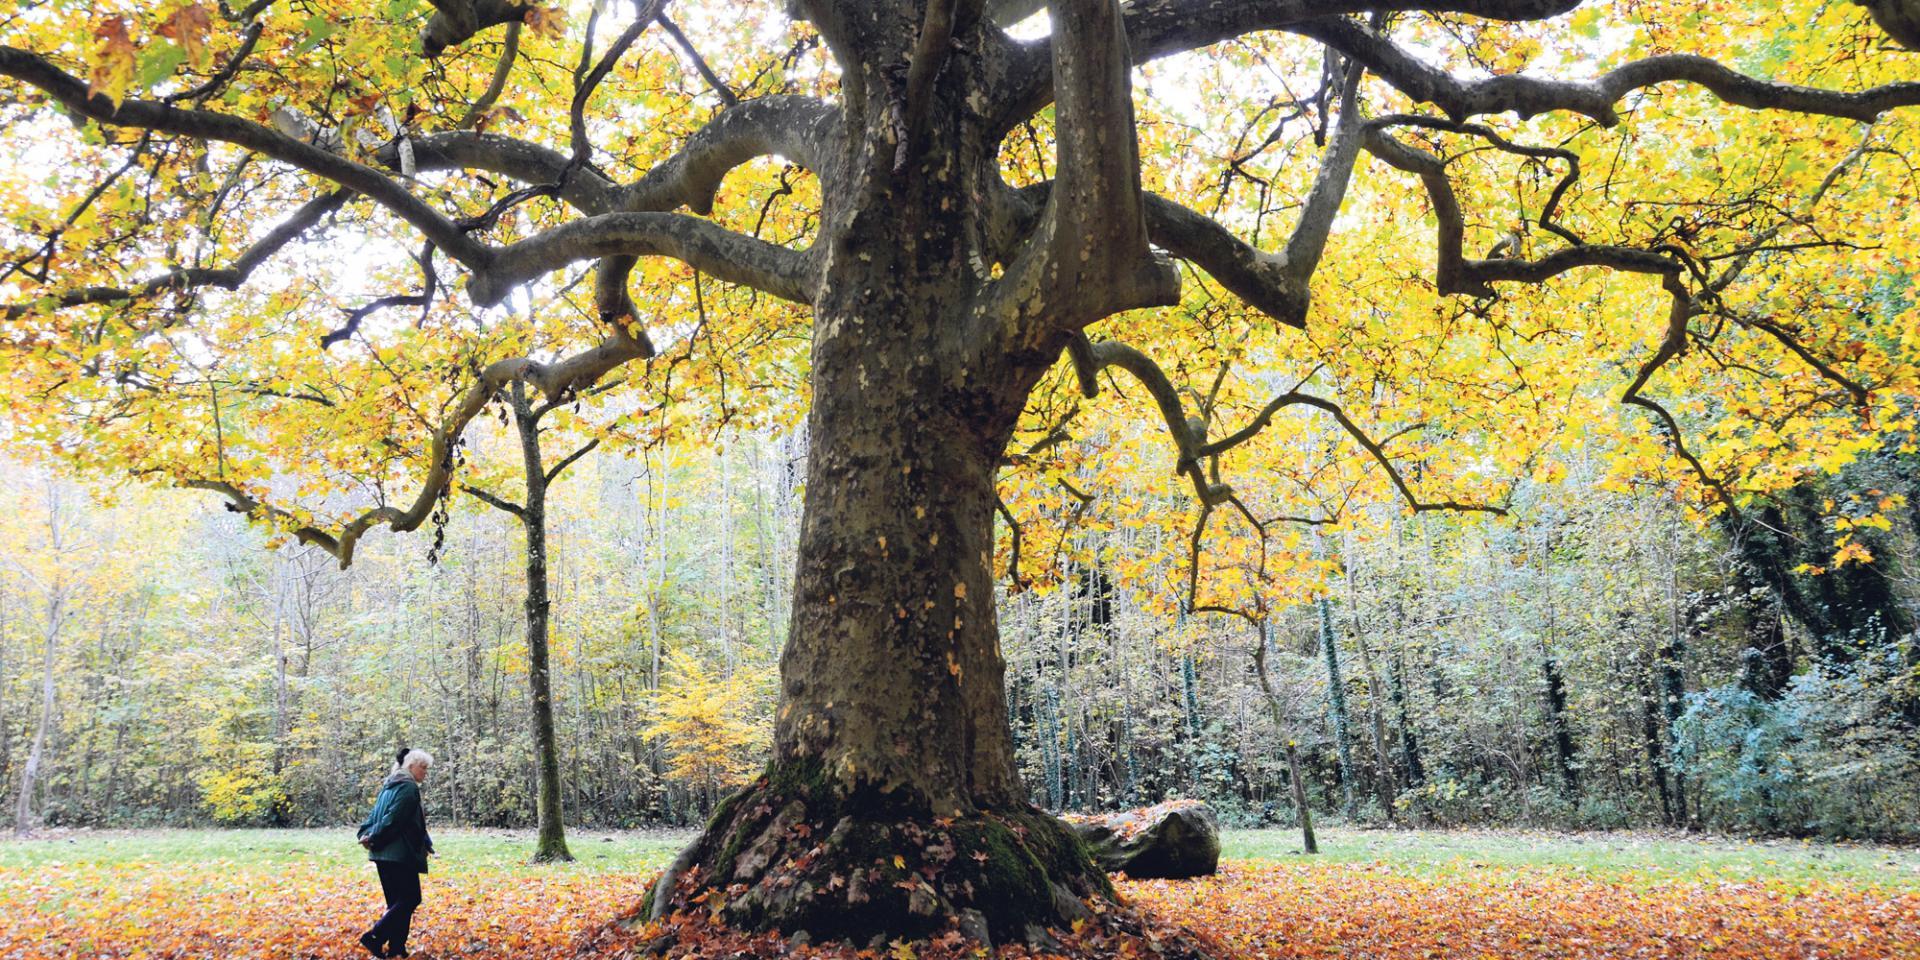 L ile de france veut proteger ses arbres remarquables